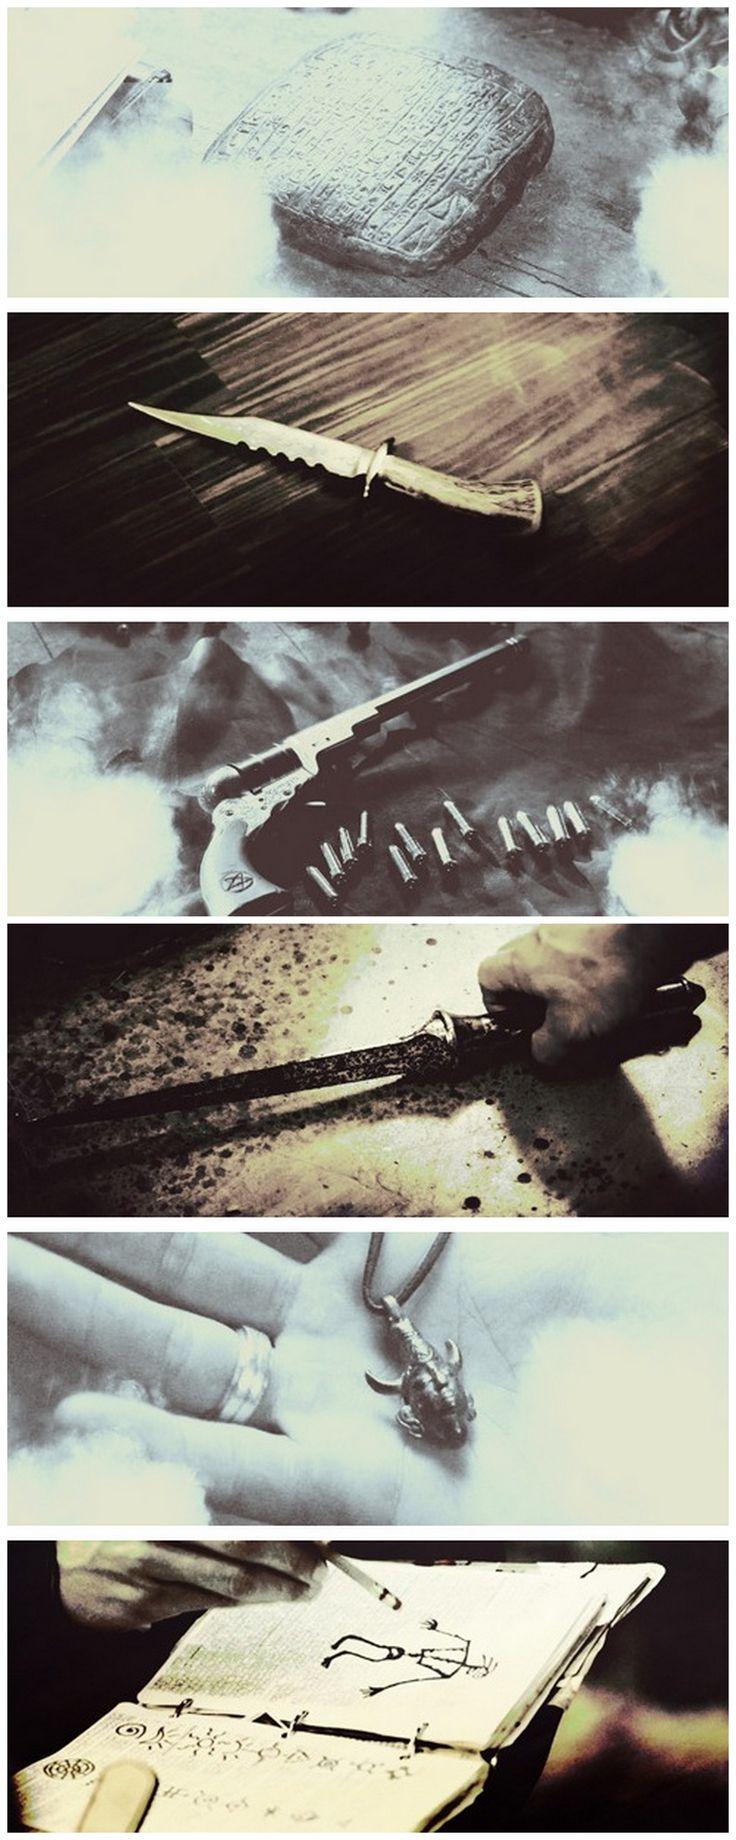 Tablet, demon killing knife that Ruby gave them, the colt, angel-killing dagger, samulet, john's journal